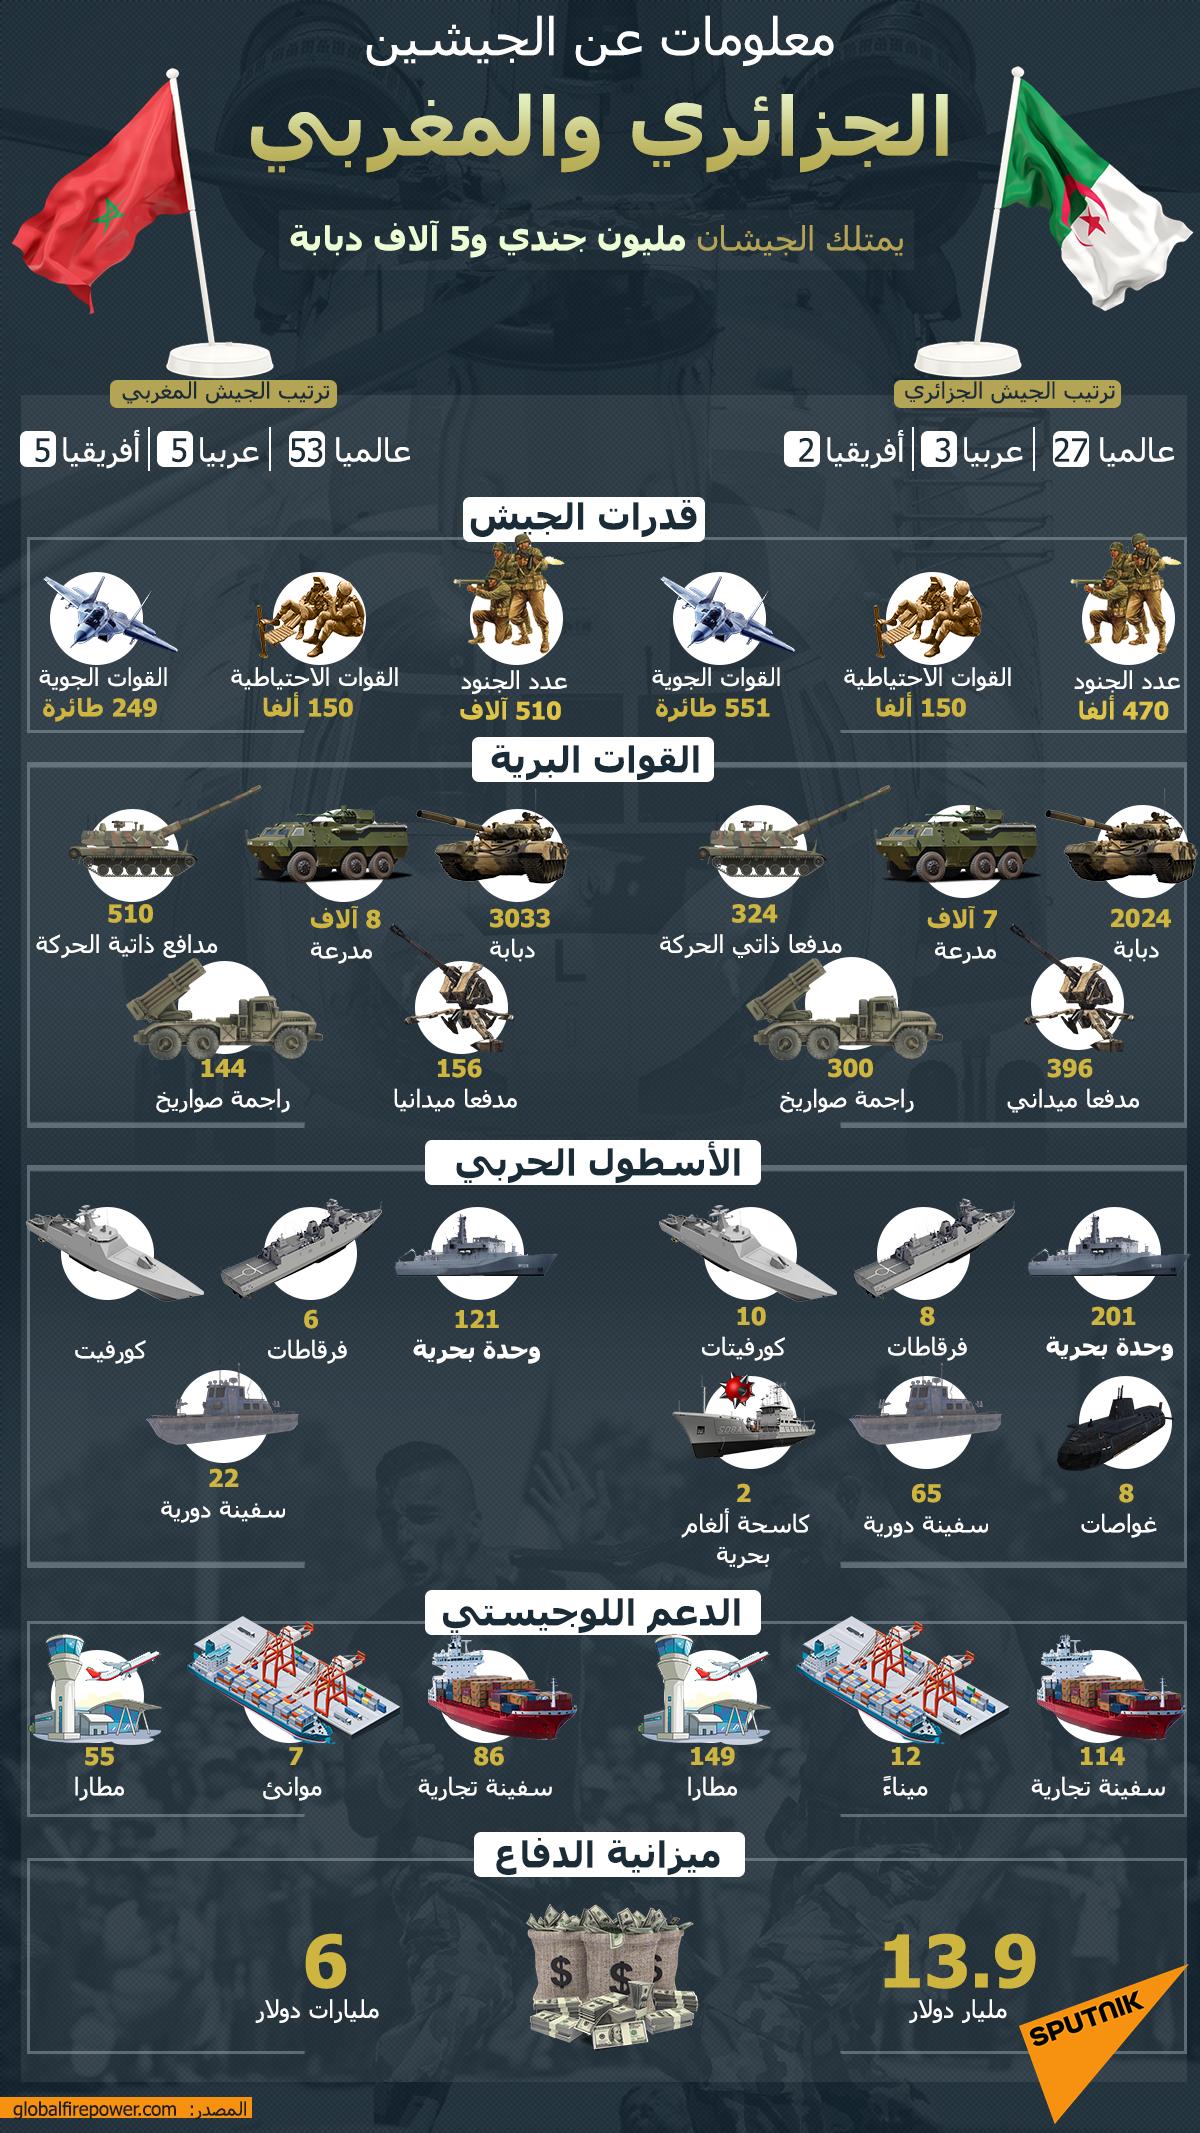 معلومات عن الجيشين الجزائري والمغربي